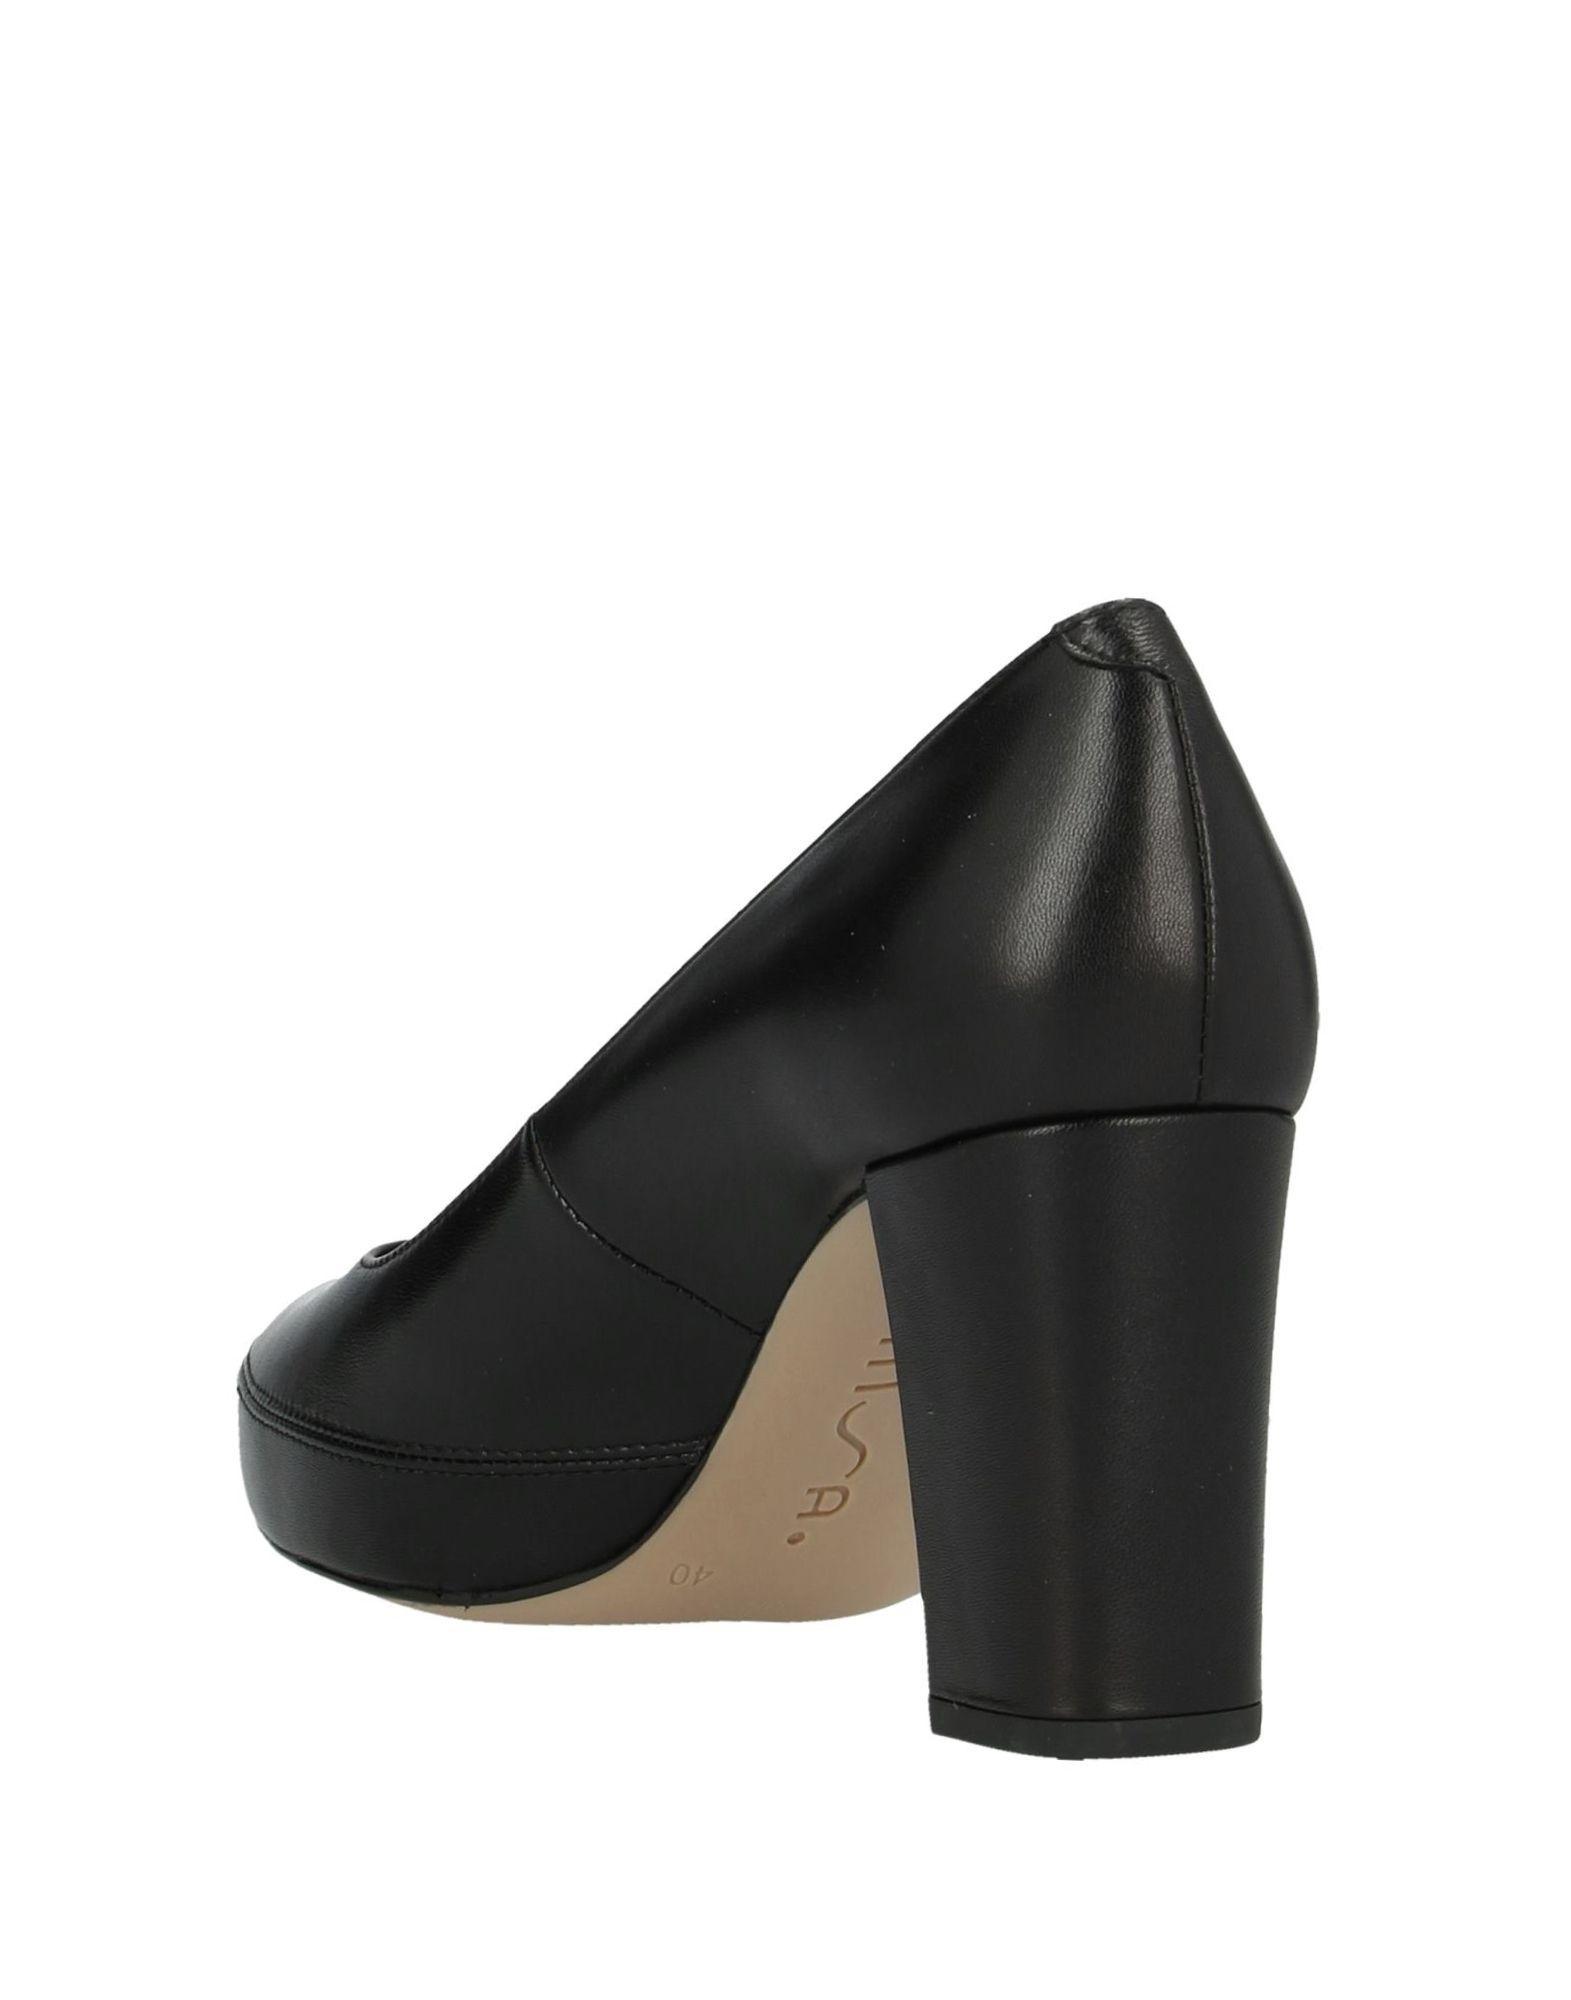 Zapatos de salón Unisa de Cuero de color Negro